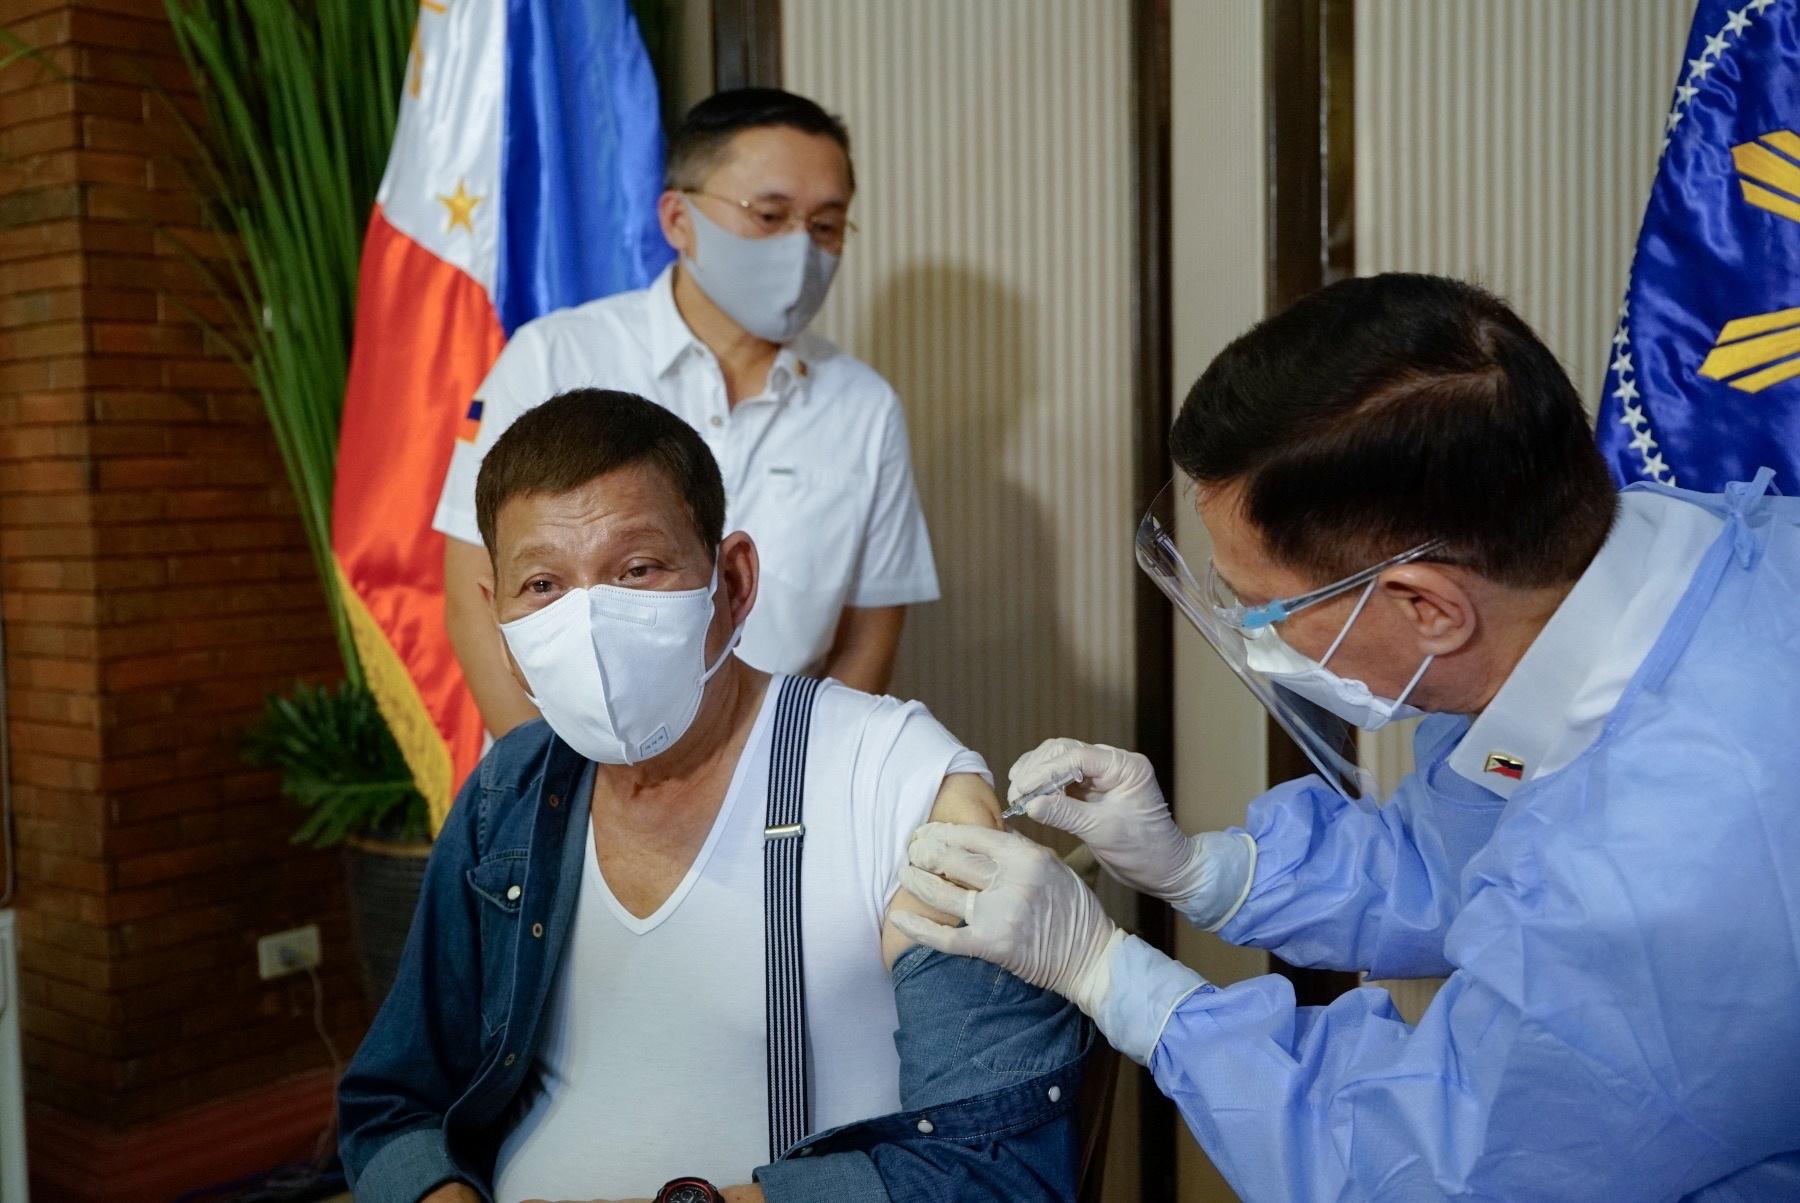 76岁的杜特尔特周一穿着白色汗衫,由菲国卫生部长杜克接种国药疫苗。-路透社-